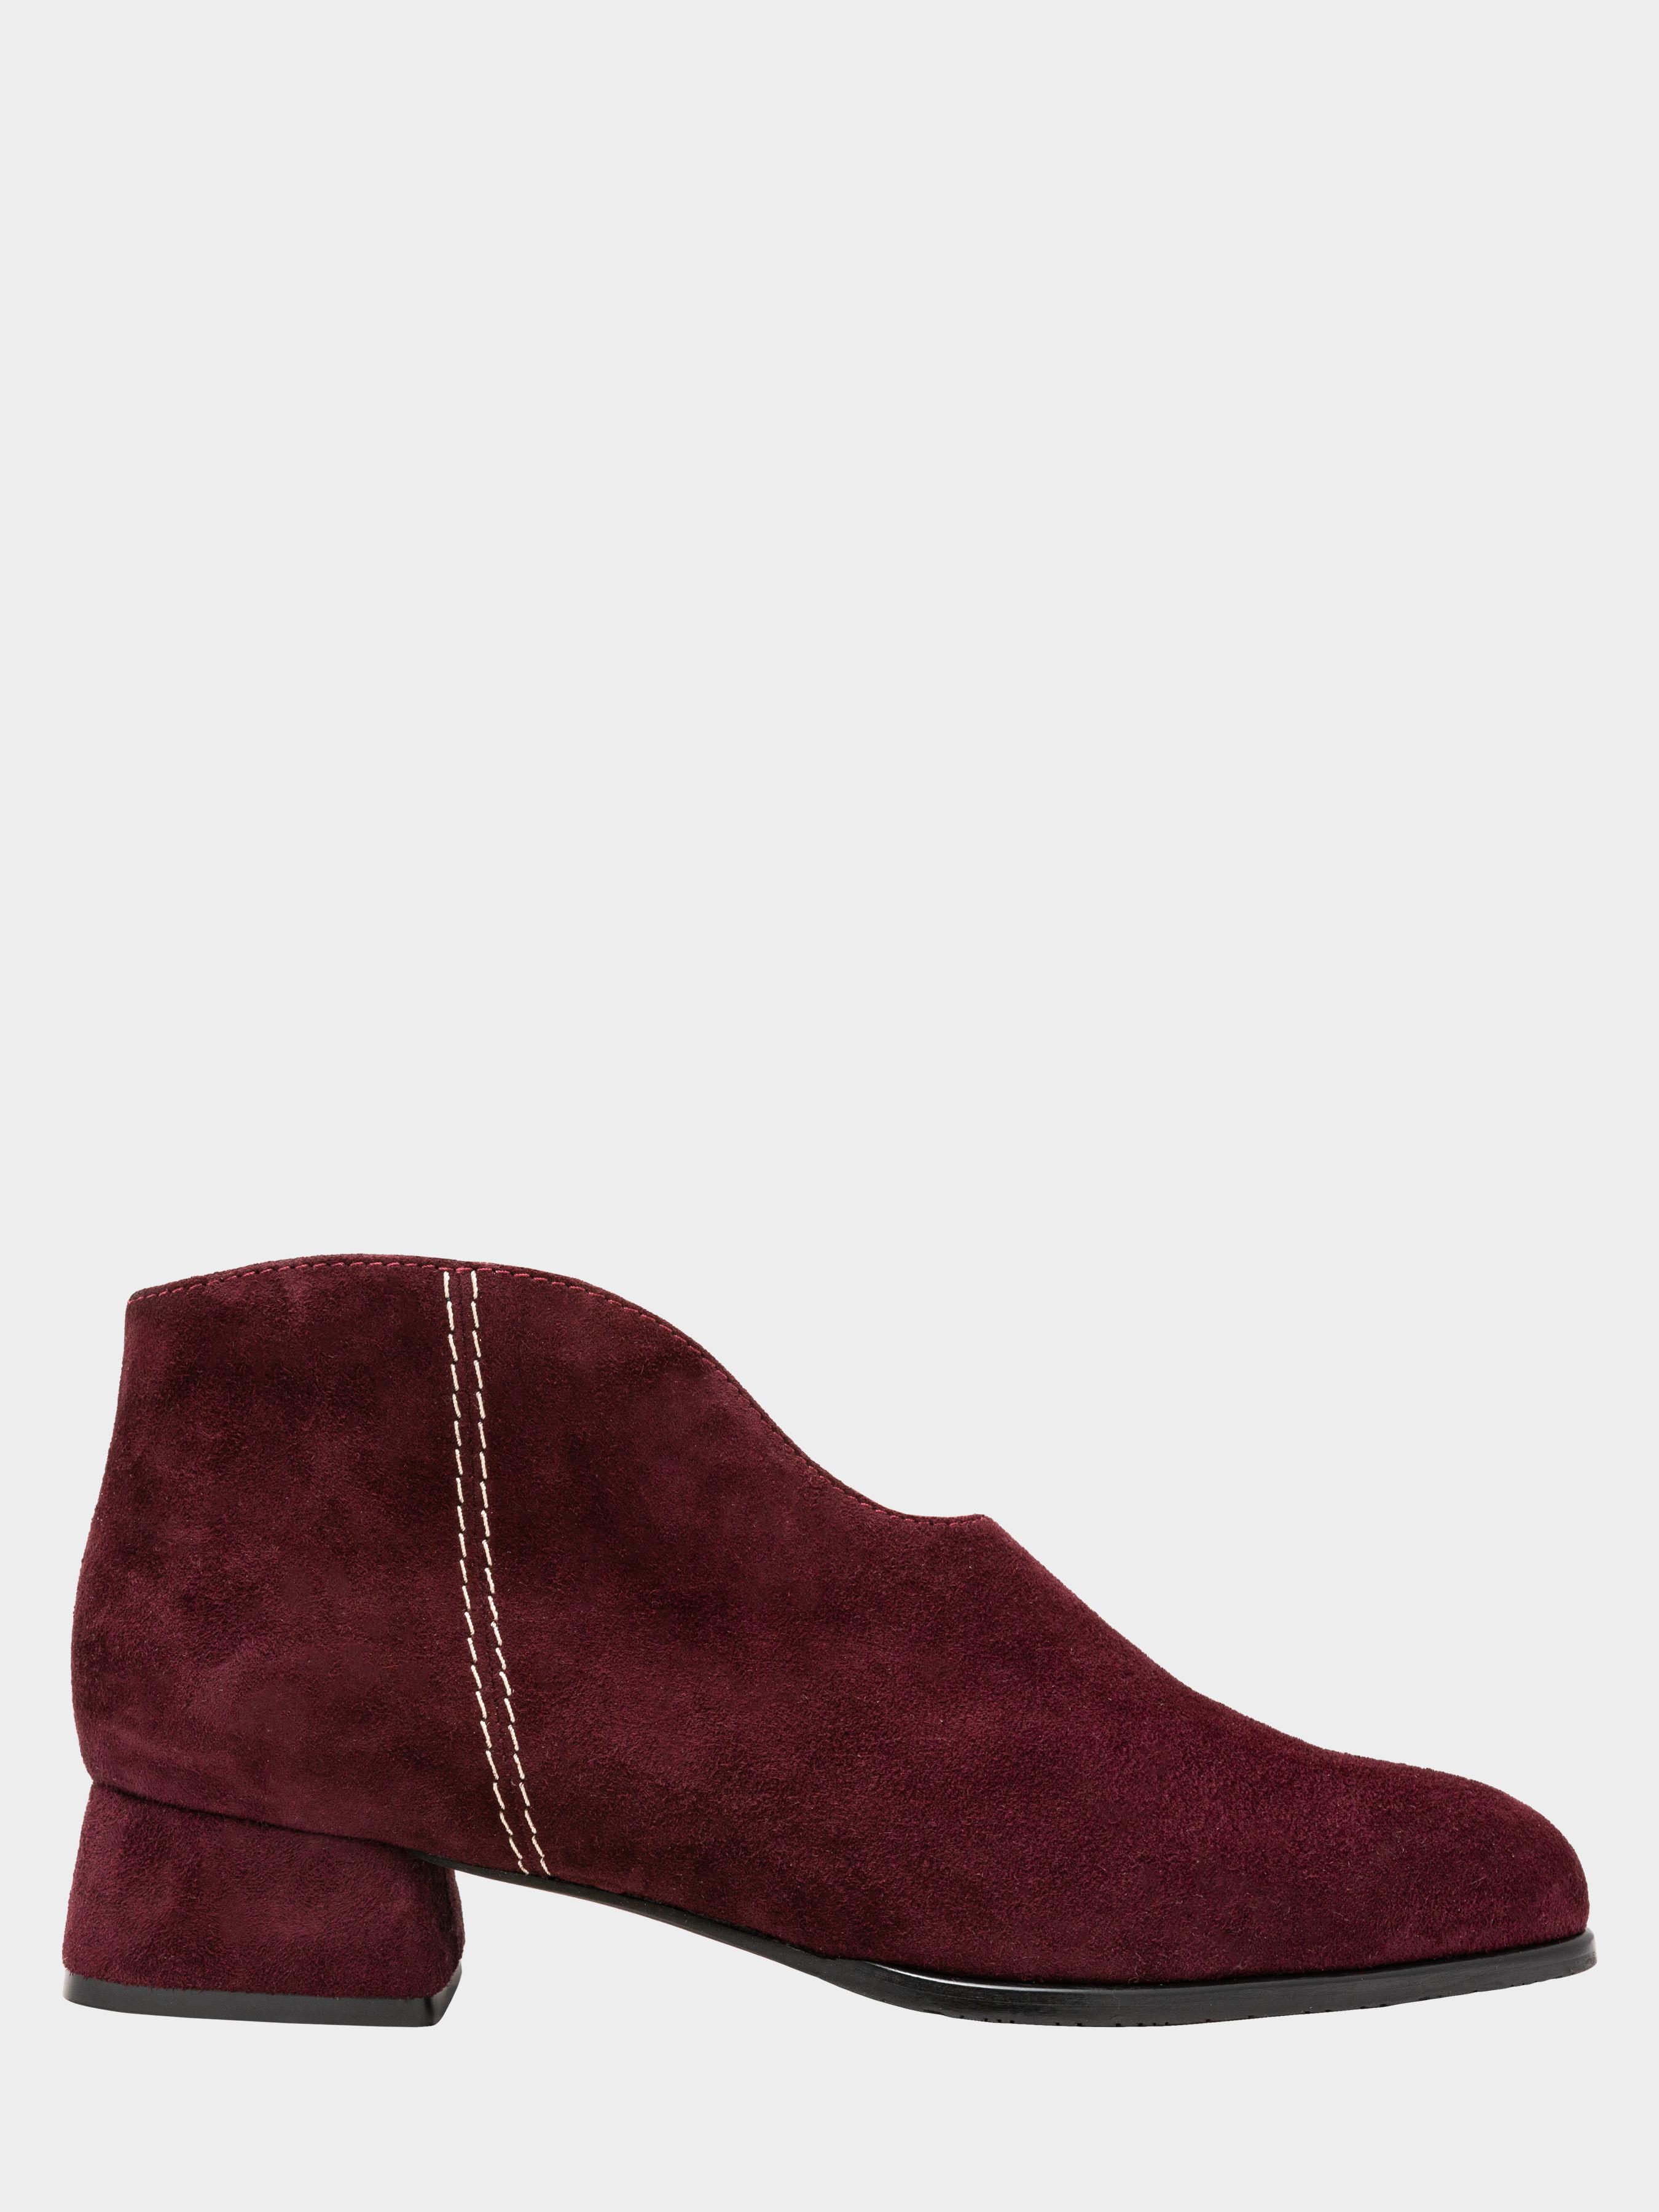 Полуботинки для женщин Ботильоны женские ENZO VERRATTI 18-10029-2bo обувь бренда, 2017